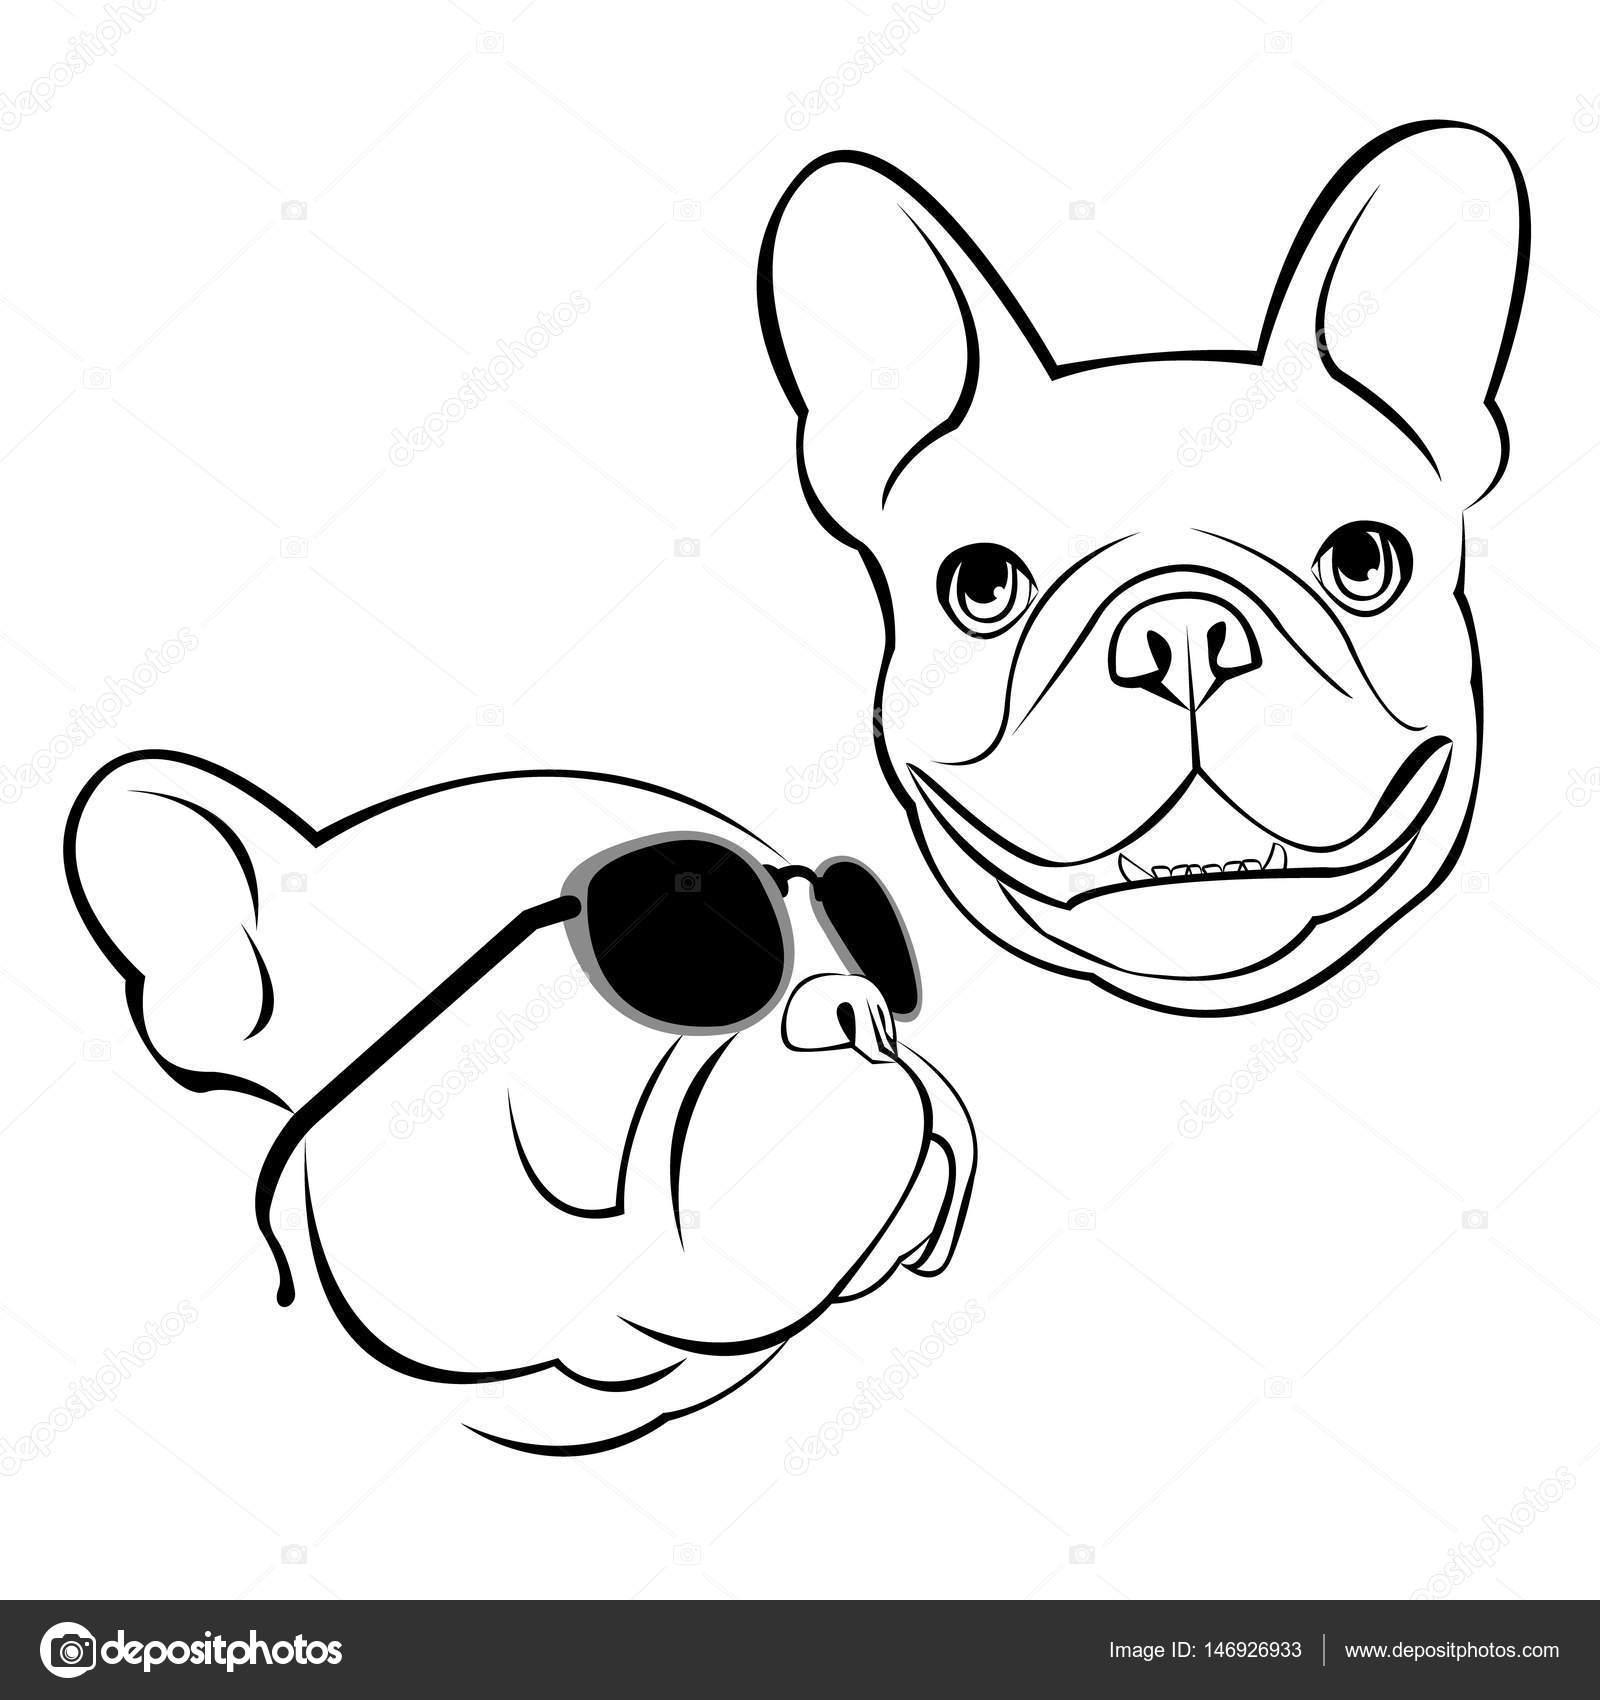 1600x1700 Bulldog, Dog, Animal, French, Vector, Illustration, Pet, Breed